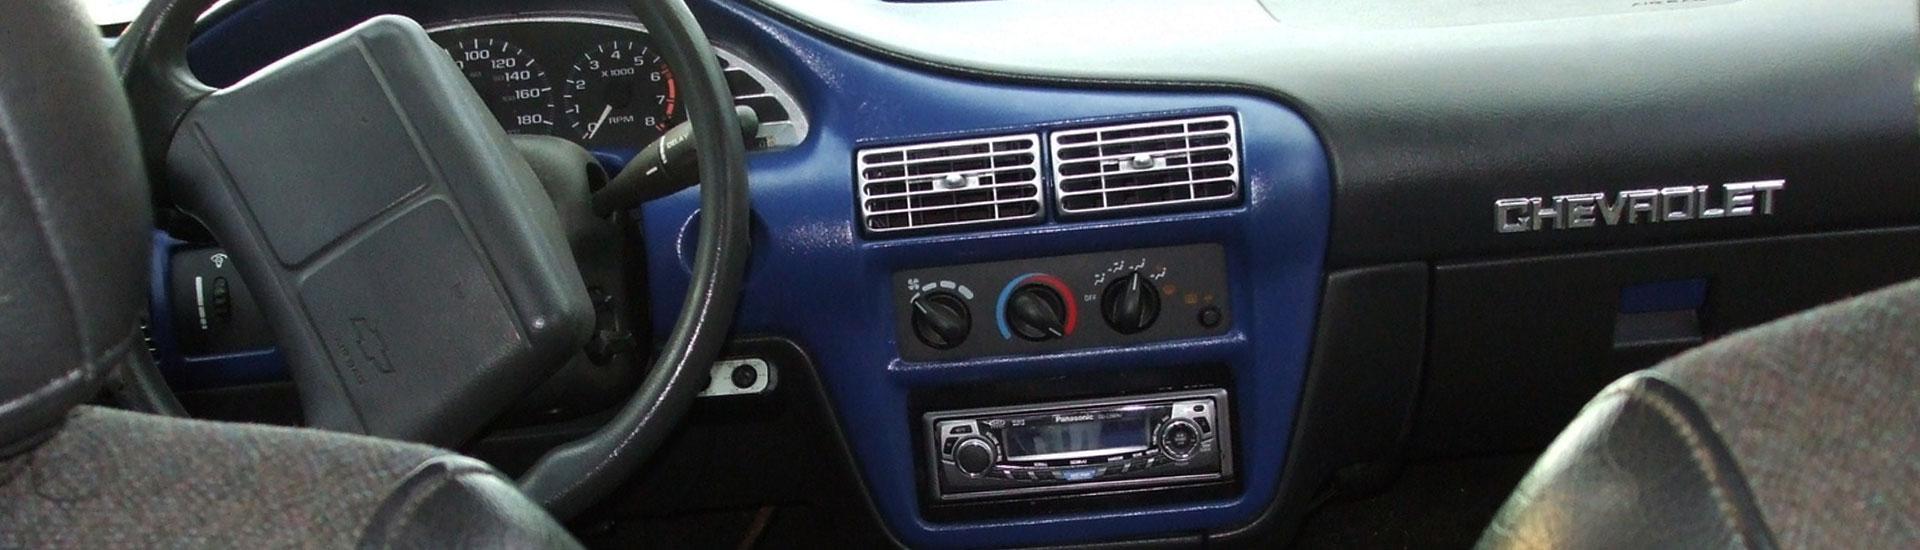 Cavalier 2001 chevrolet cavalier sedan : Chevrolet Cavalier Dash Kits | Custom Chevrolet Cavalier Dash Kit